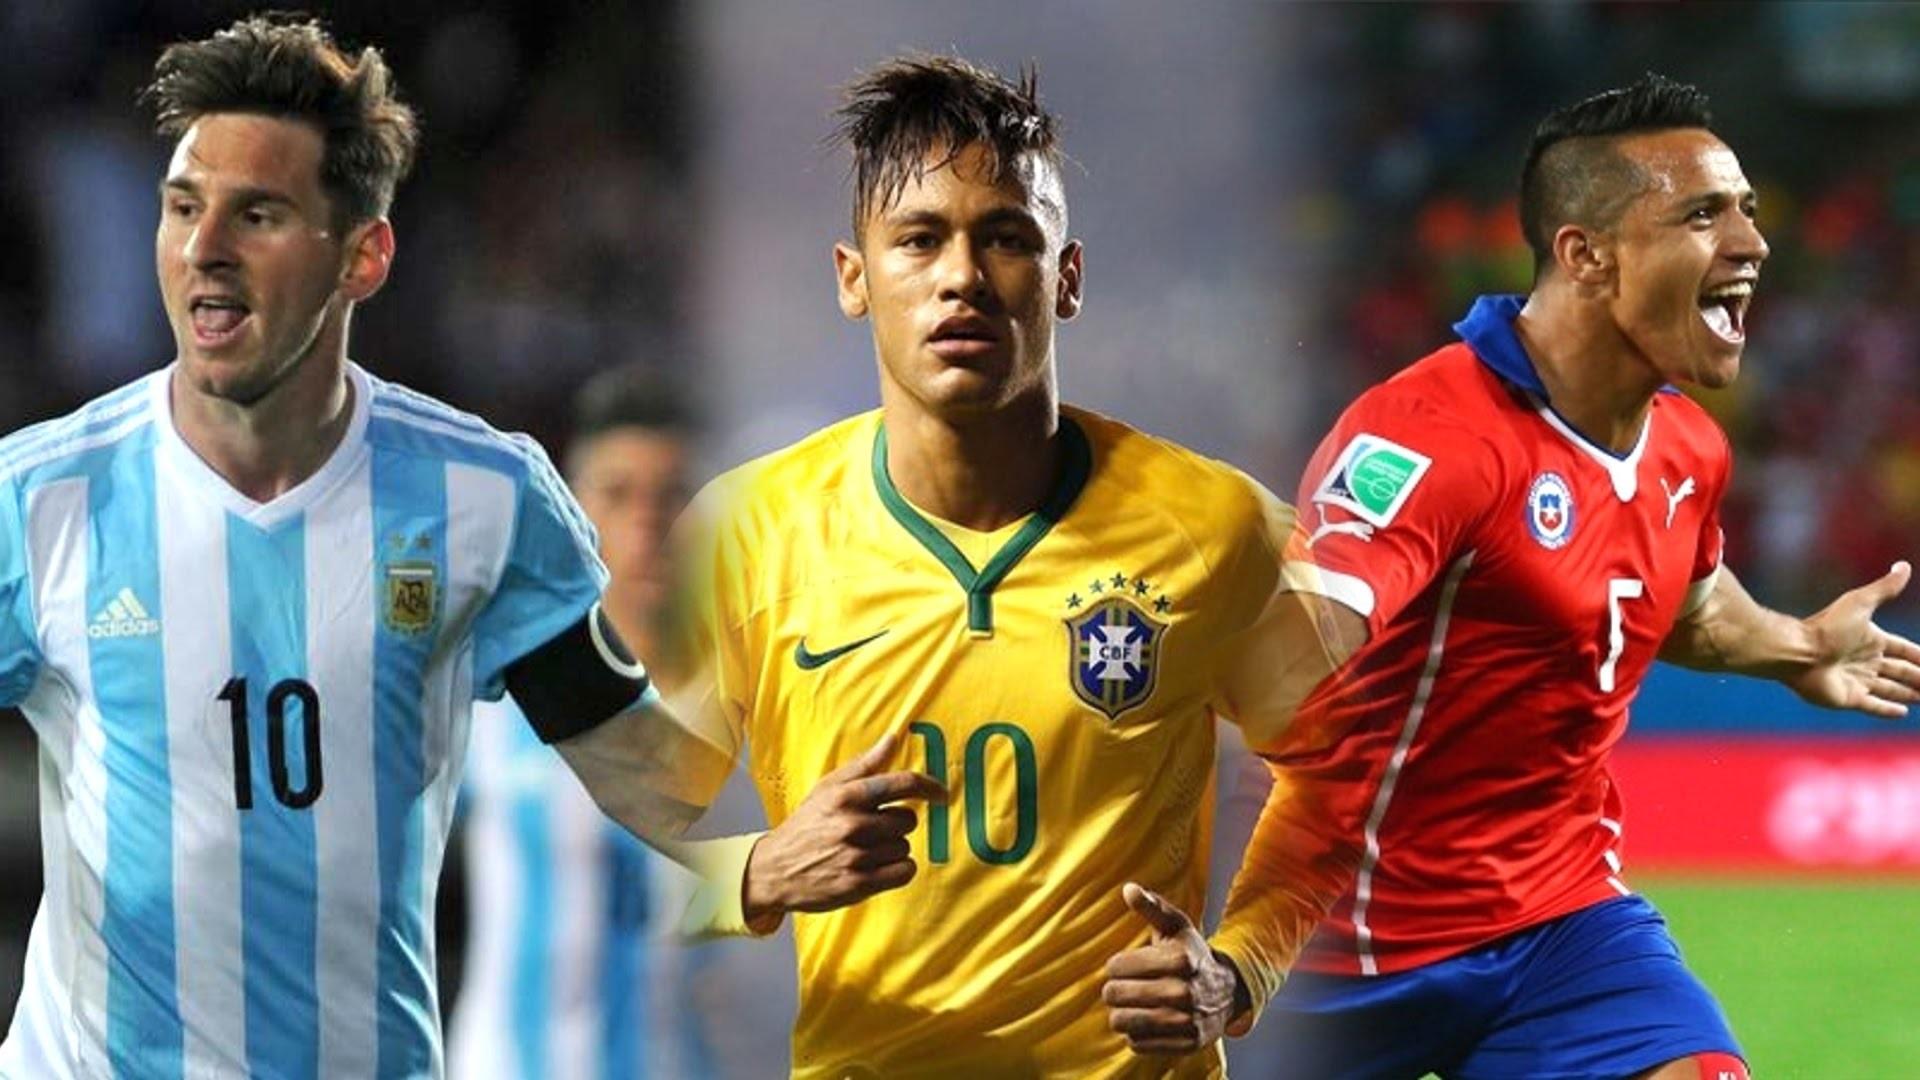 Lionel Messi vs Alexis Sanchez vs Neymar Jr ○ Copa America ○ Skills & Goals  | 2015 HD – YouTube